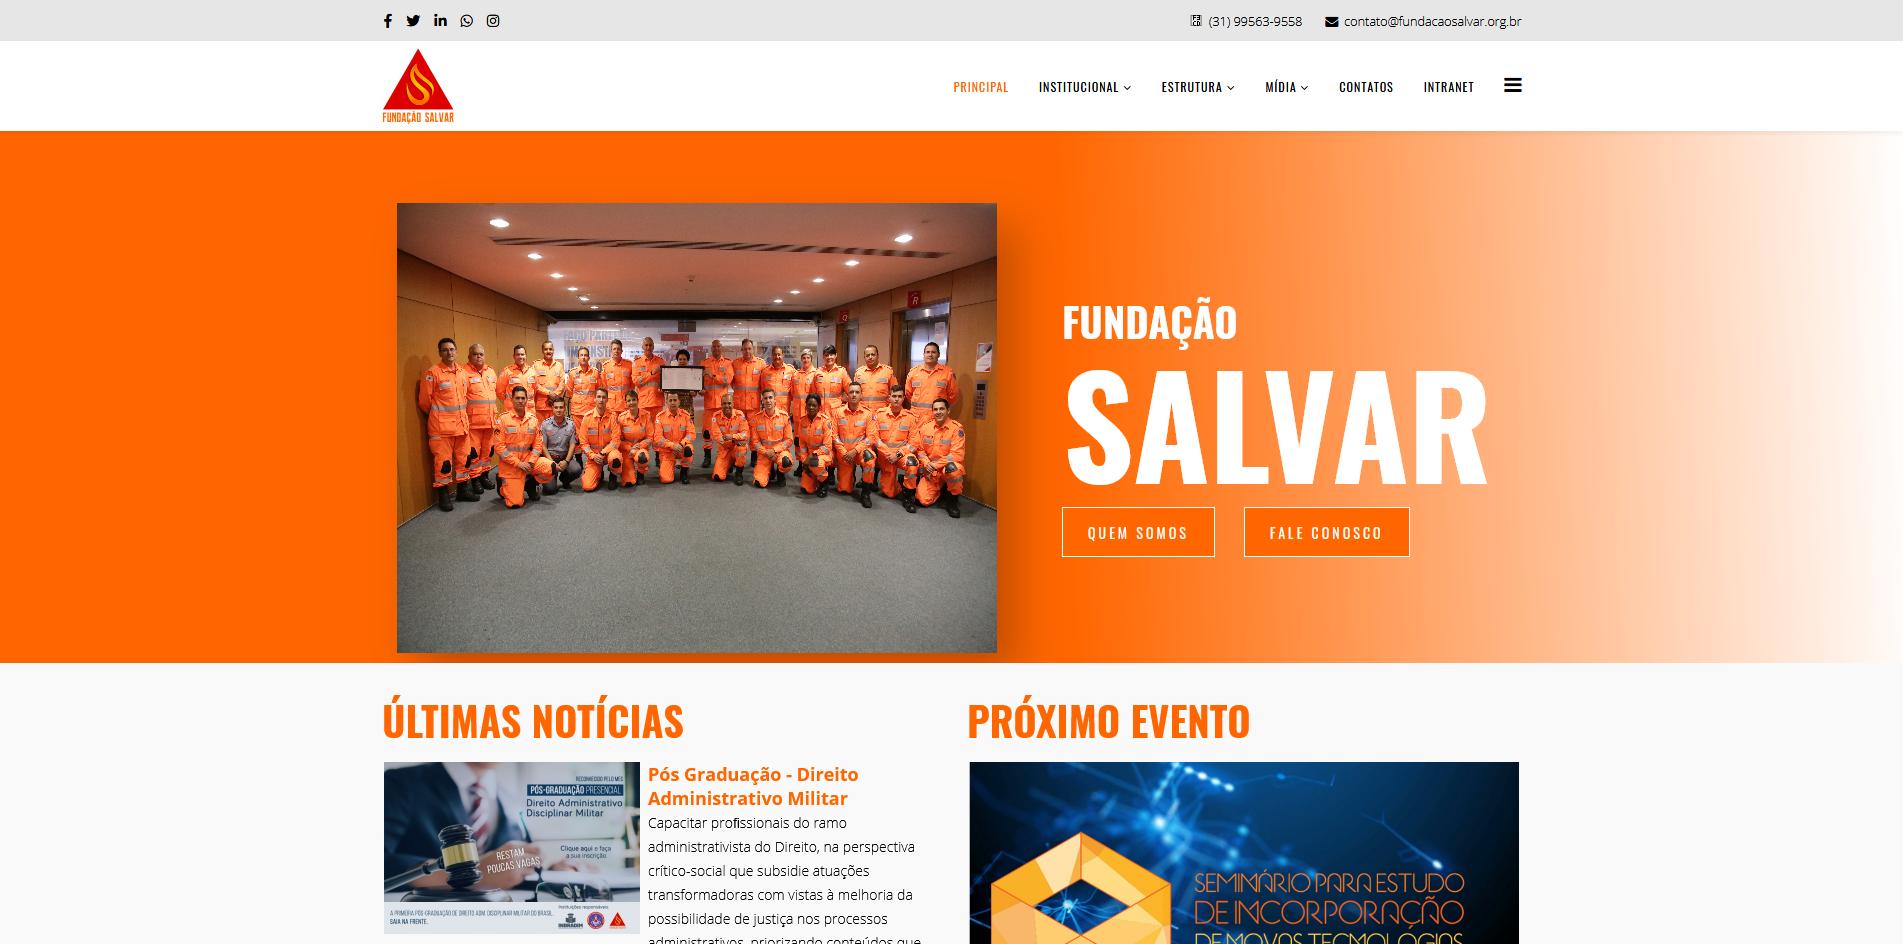 Fundação Salvar